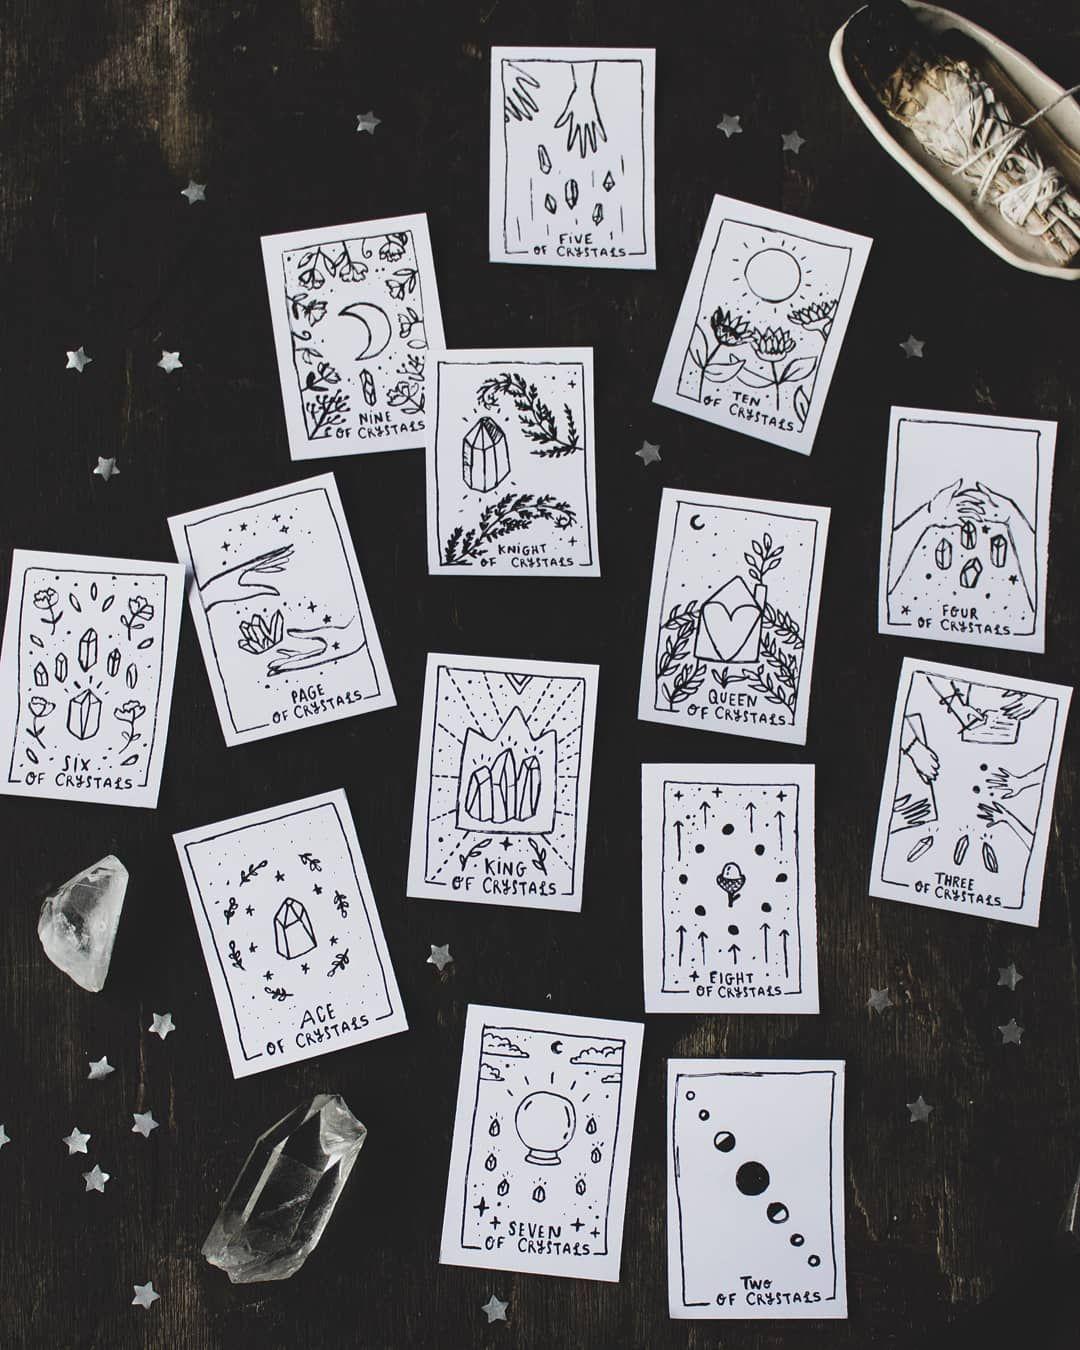 Print Your Own Tarot Deck In 2020 Diy Tarot Cards Tarot Decks Tarot Card Decks